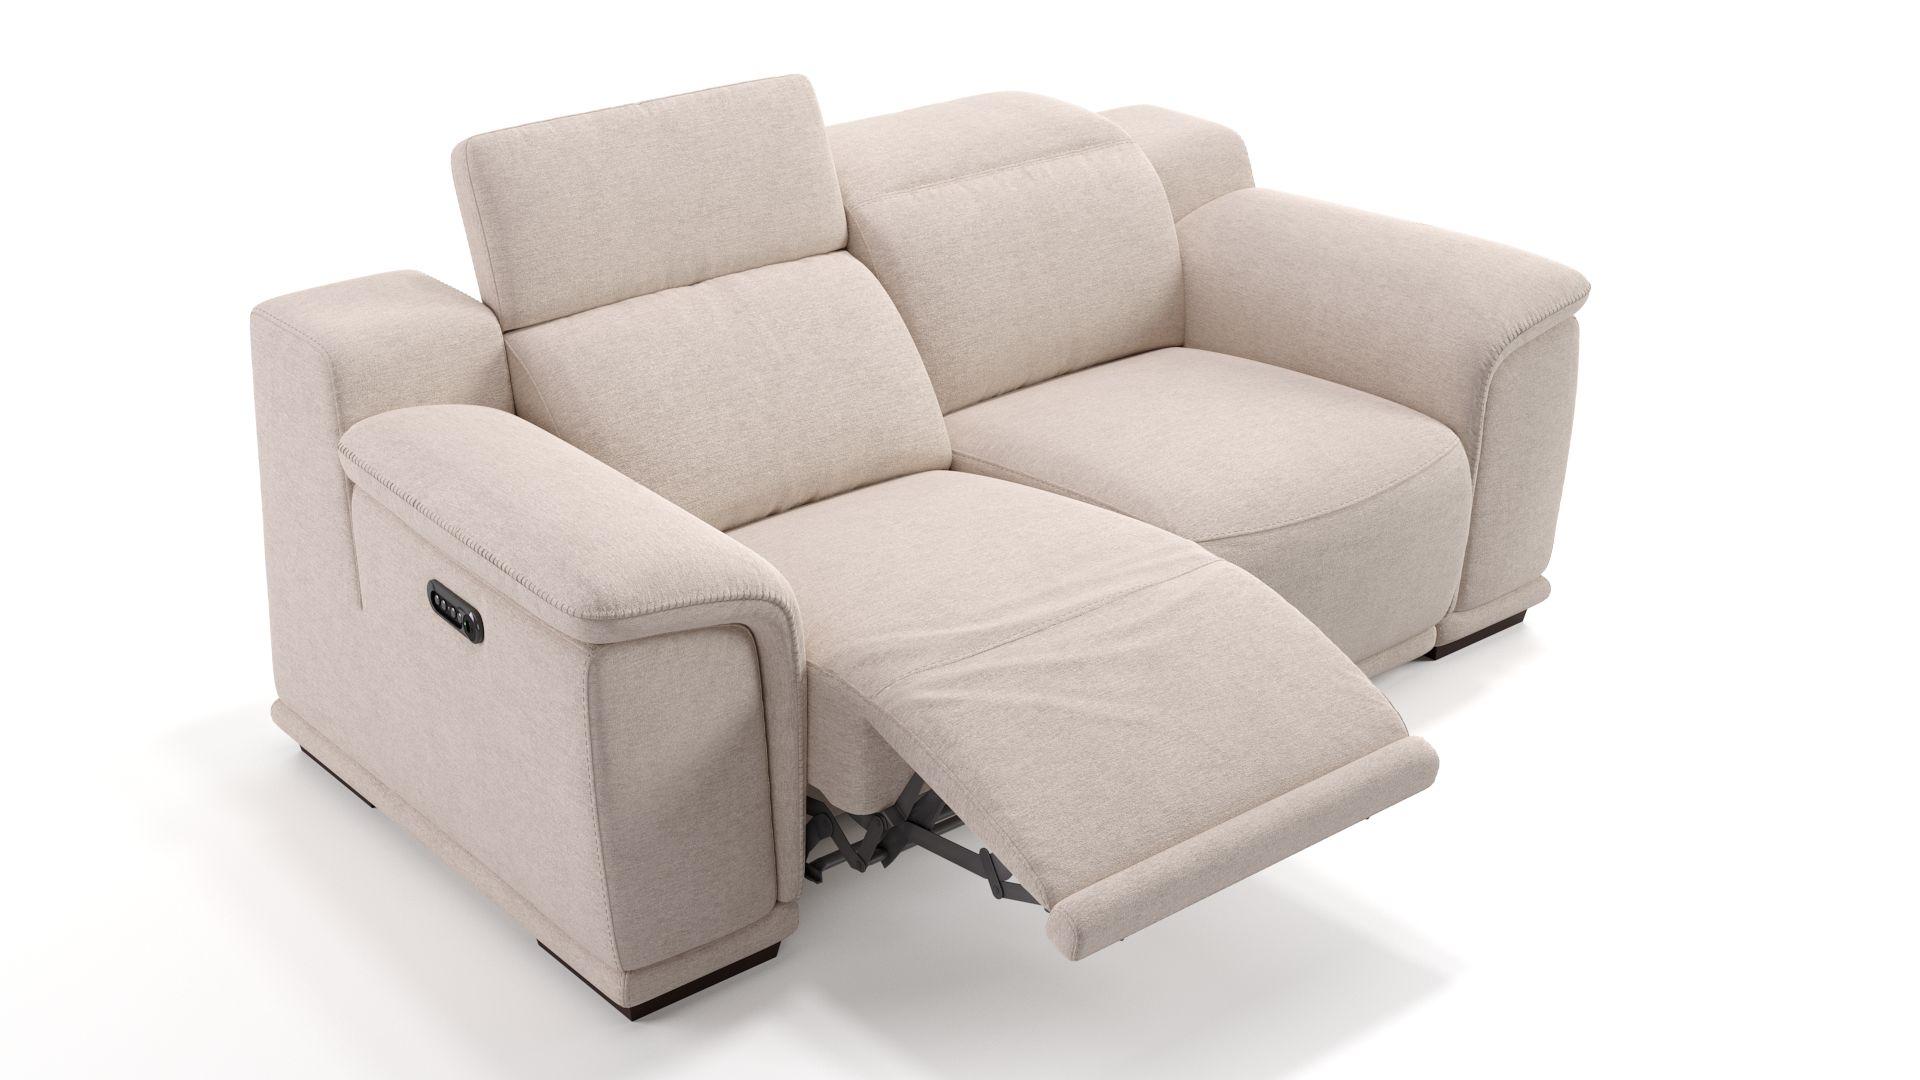 Full Size of Exklusive Couch Montefino 2er Sofa Stoff Sofanella Copperfield Grau Ebay L Form Günstig Kaufen Muuto Recamiere Big Sitzhöhe 55 Cm Kunstleder Weiß Kleines Sofa 2er Sofa